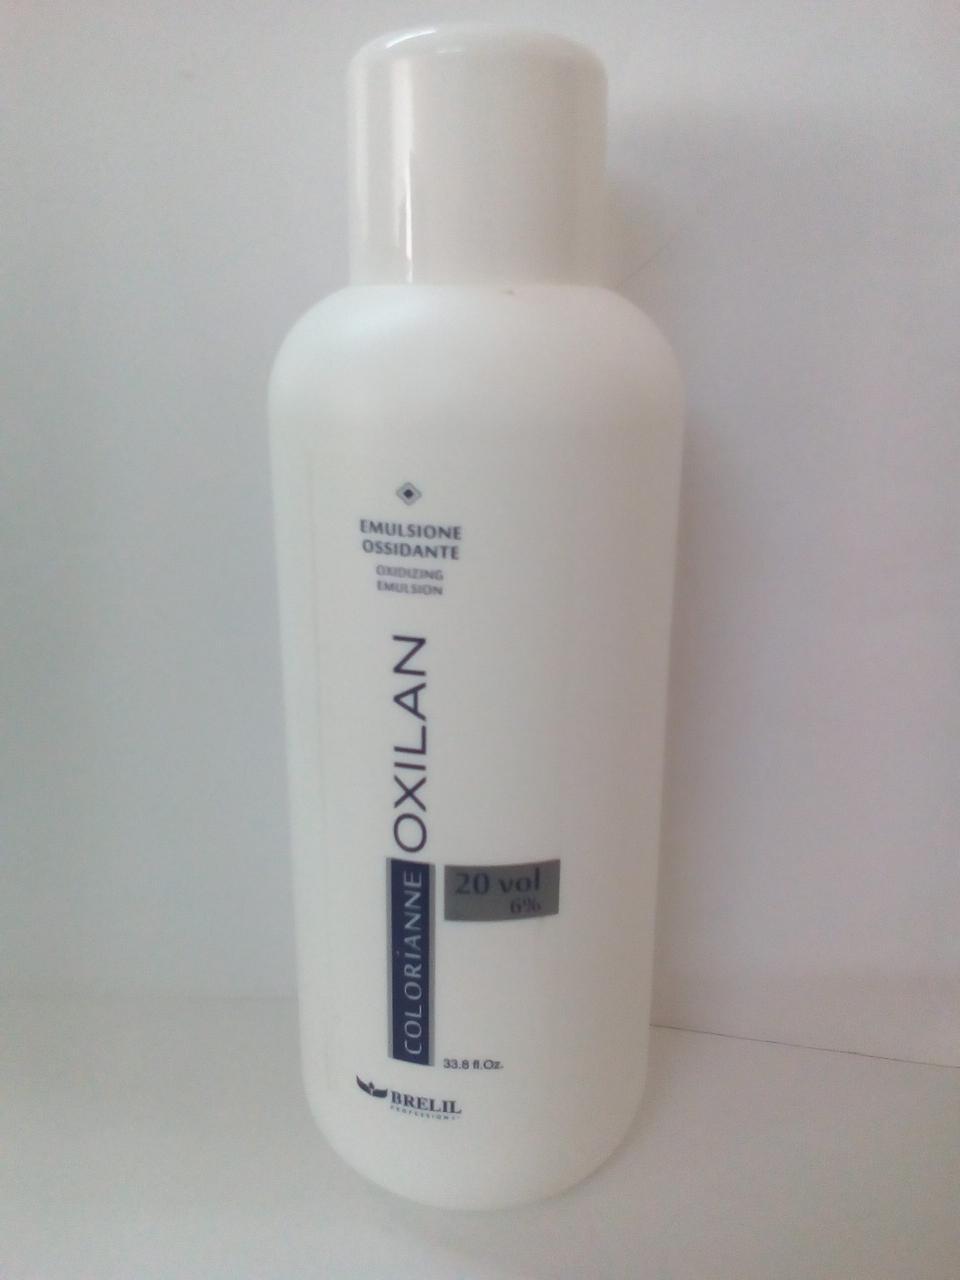 Перекись-эмульсия 6% (20) для осветления волос на 1-2 тона1000мл Brelil